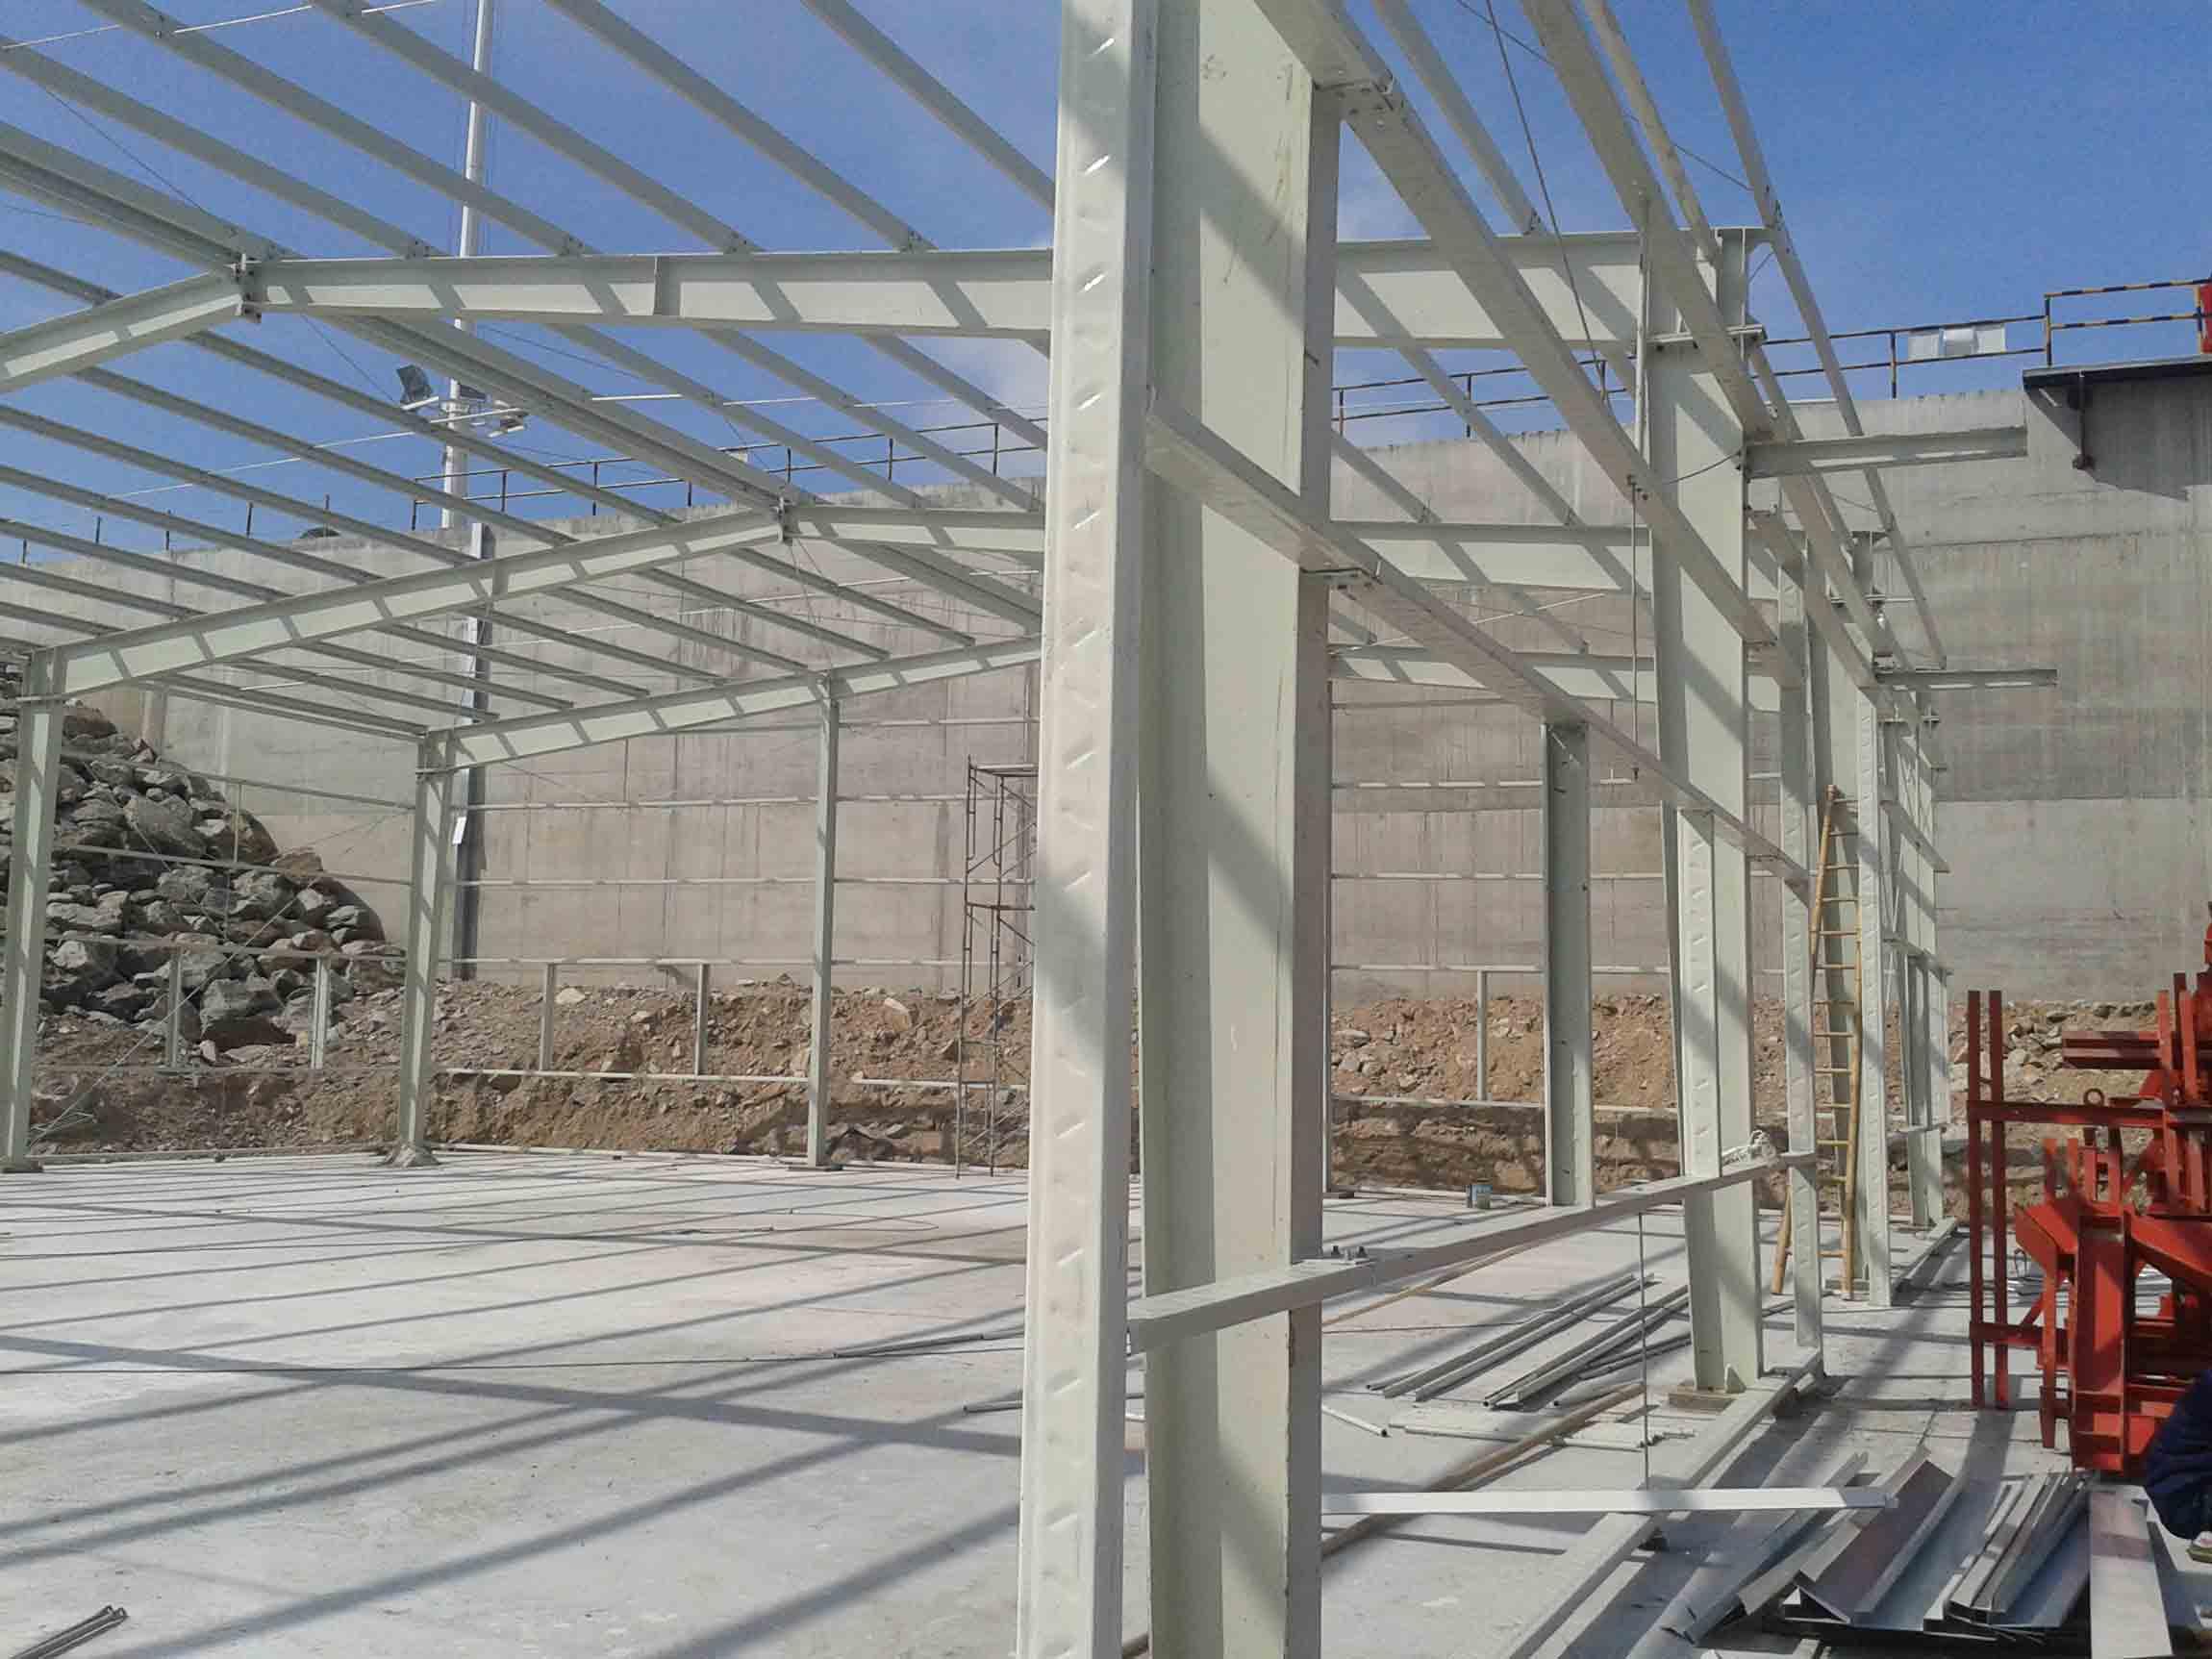 公司介绍: 广州市文创钢结构工程有限公司是中国临建房屋最具规模的企业之一,是文扬拓展集团属下的一个集设计、生产、销售与安装为一体的专业公司。 公司成立于2006年,位于广州市南沙区,工厂占地面积3万平方米,具有年产量150万平方米的生产规模,总投资规模超过一亿元人民币。公司汇聚了临建领域的一大批经验丰富、高素质的专业人才,共有员工500余人,其中中高级工程技术管理人员30多名,有30多个专业的安装班组队伍,年施工安装活动板房120万以上。公司在海南海口建有分公司,在广东、海南地区各大城市均设有办事处,业务